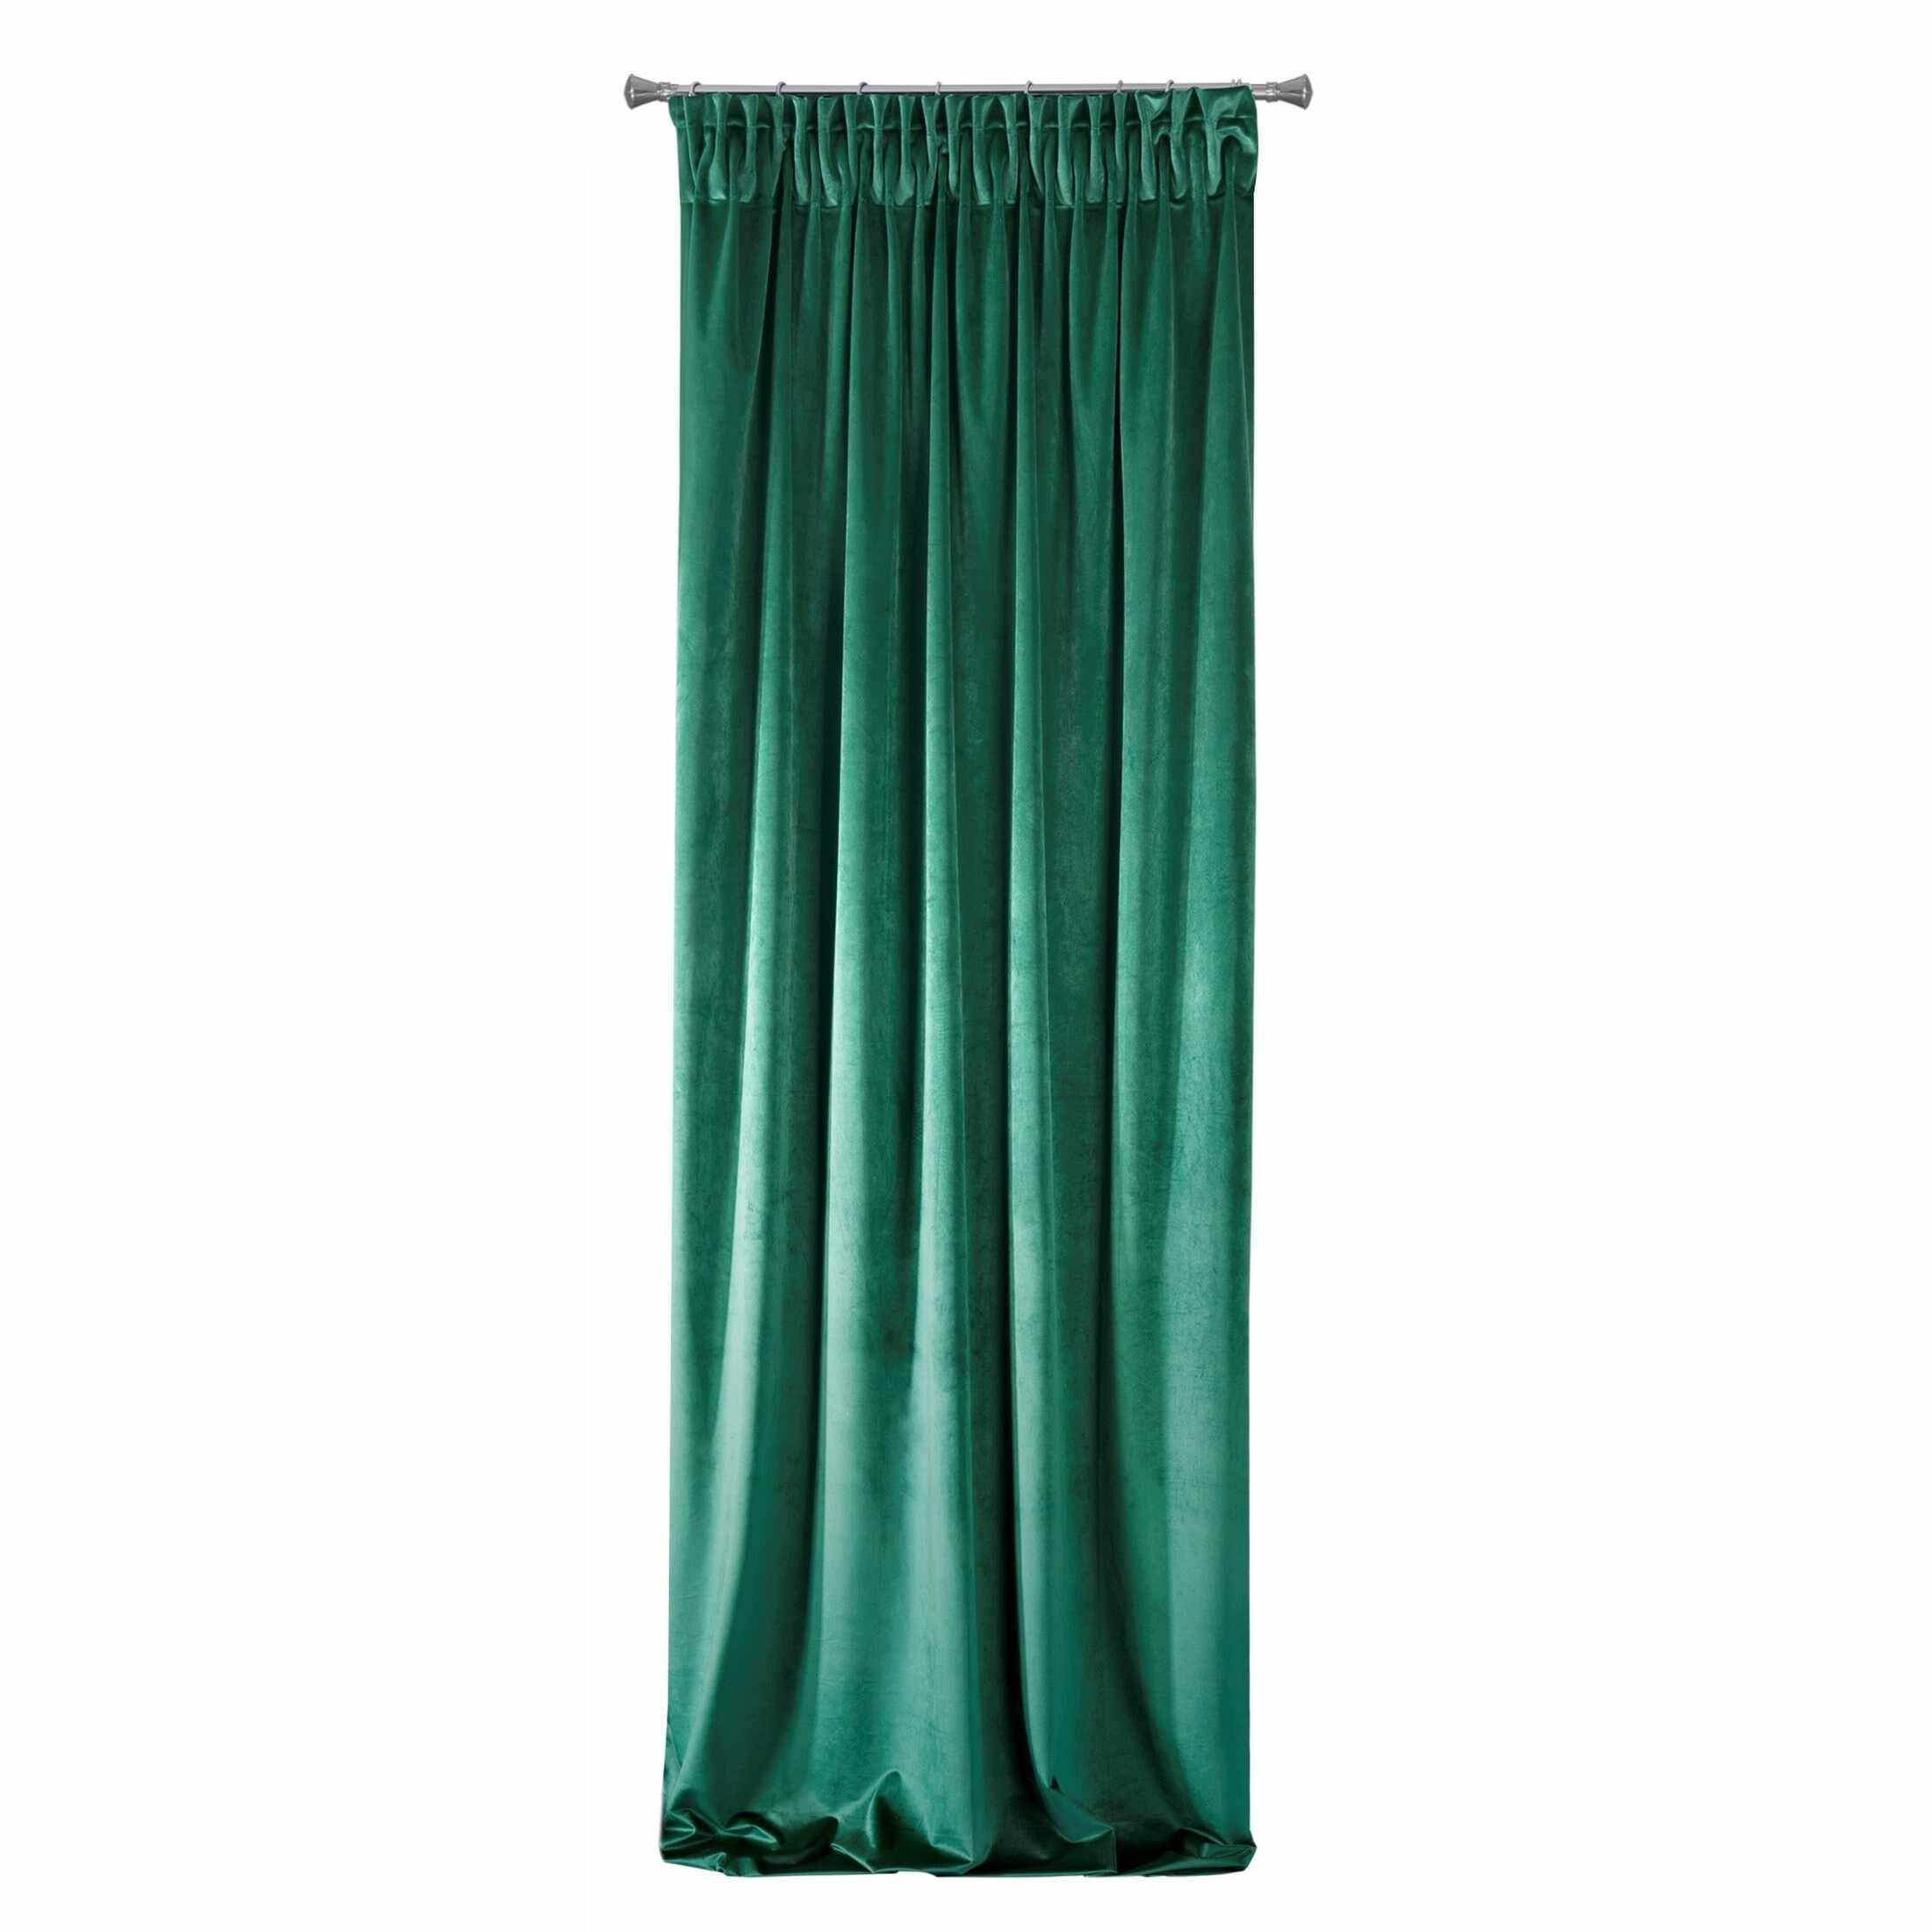 Draperie VILLA Verde inchis 140 X 270 cm la pret 230 lei